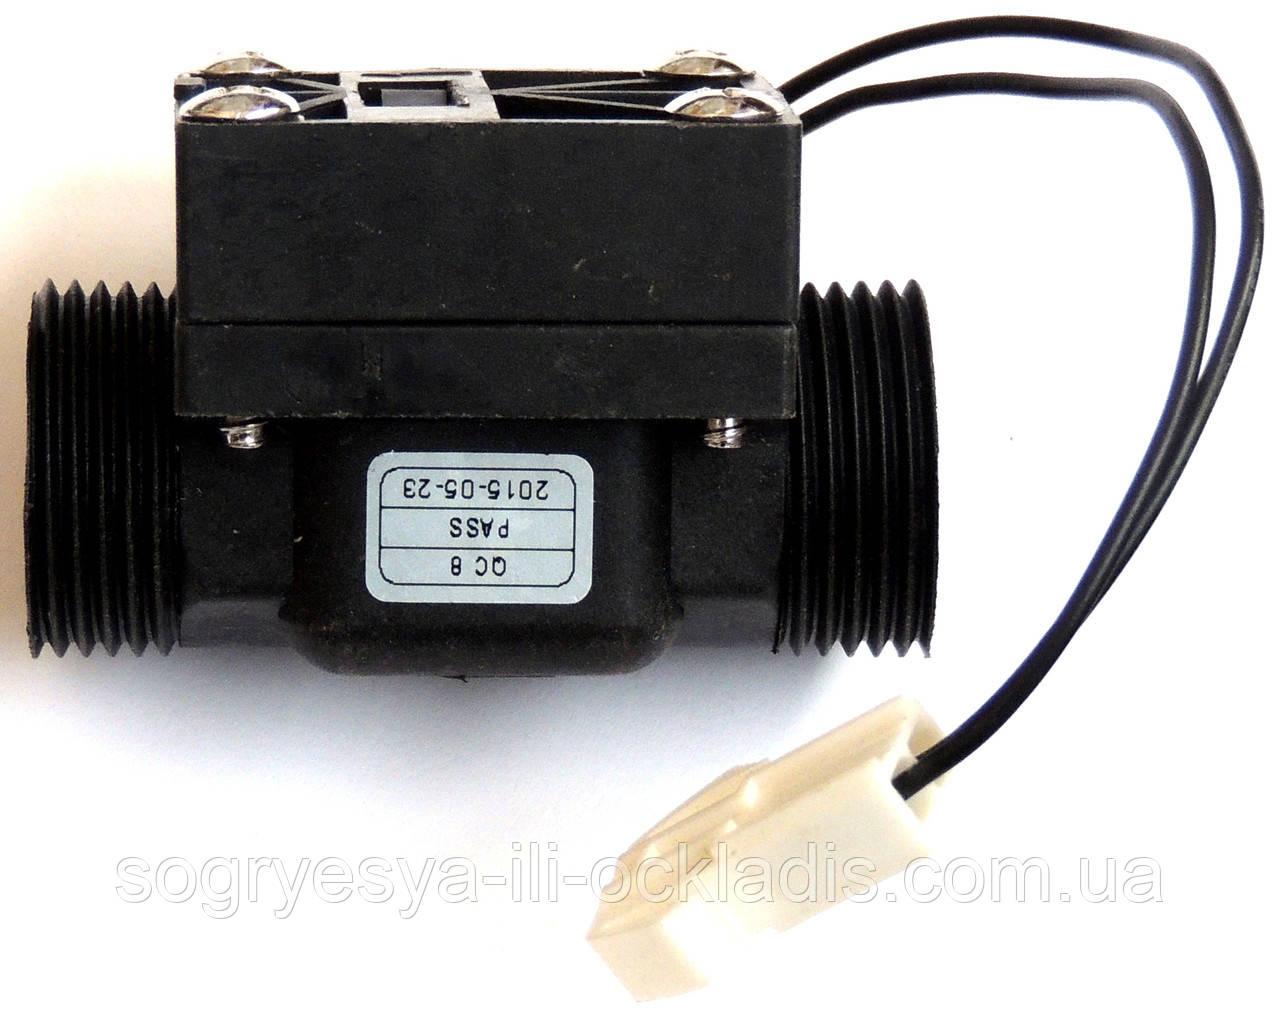 Датчик протока воды (реле, два провода)  Praga, Rocterm, артикул D42901, код сайта 0070/1